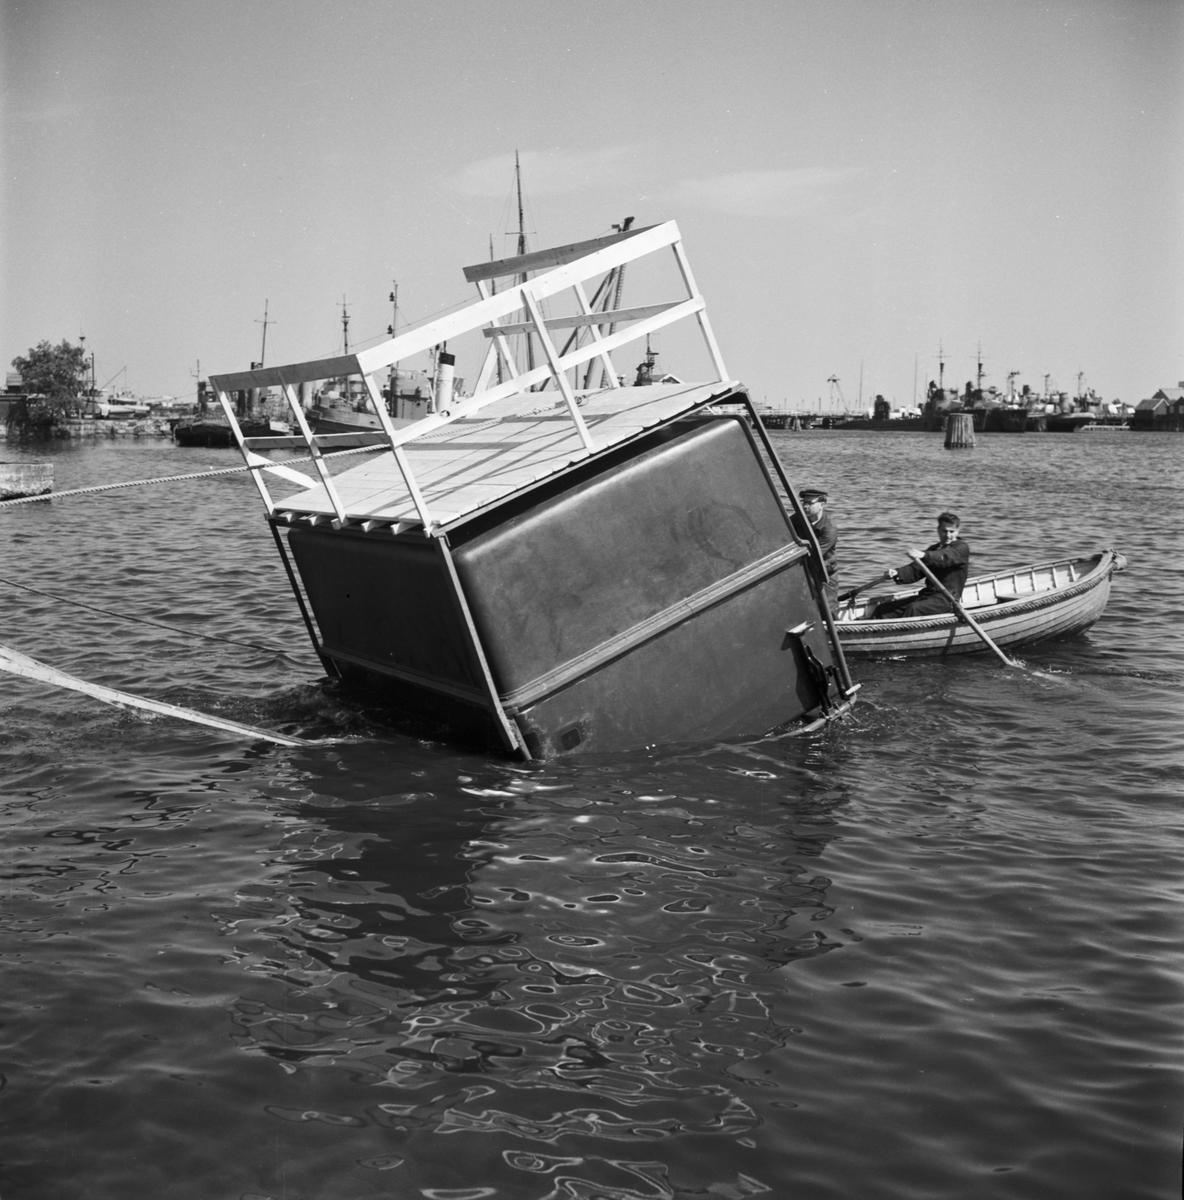 Övrigt: Foto datum: 2/7 1956 Byggnader och kranar Verkstadsvagn i vatten prov